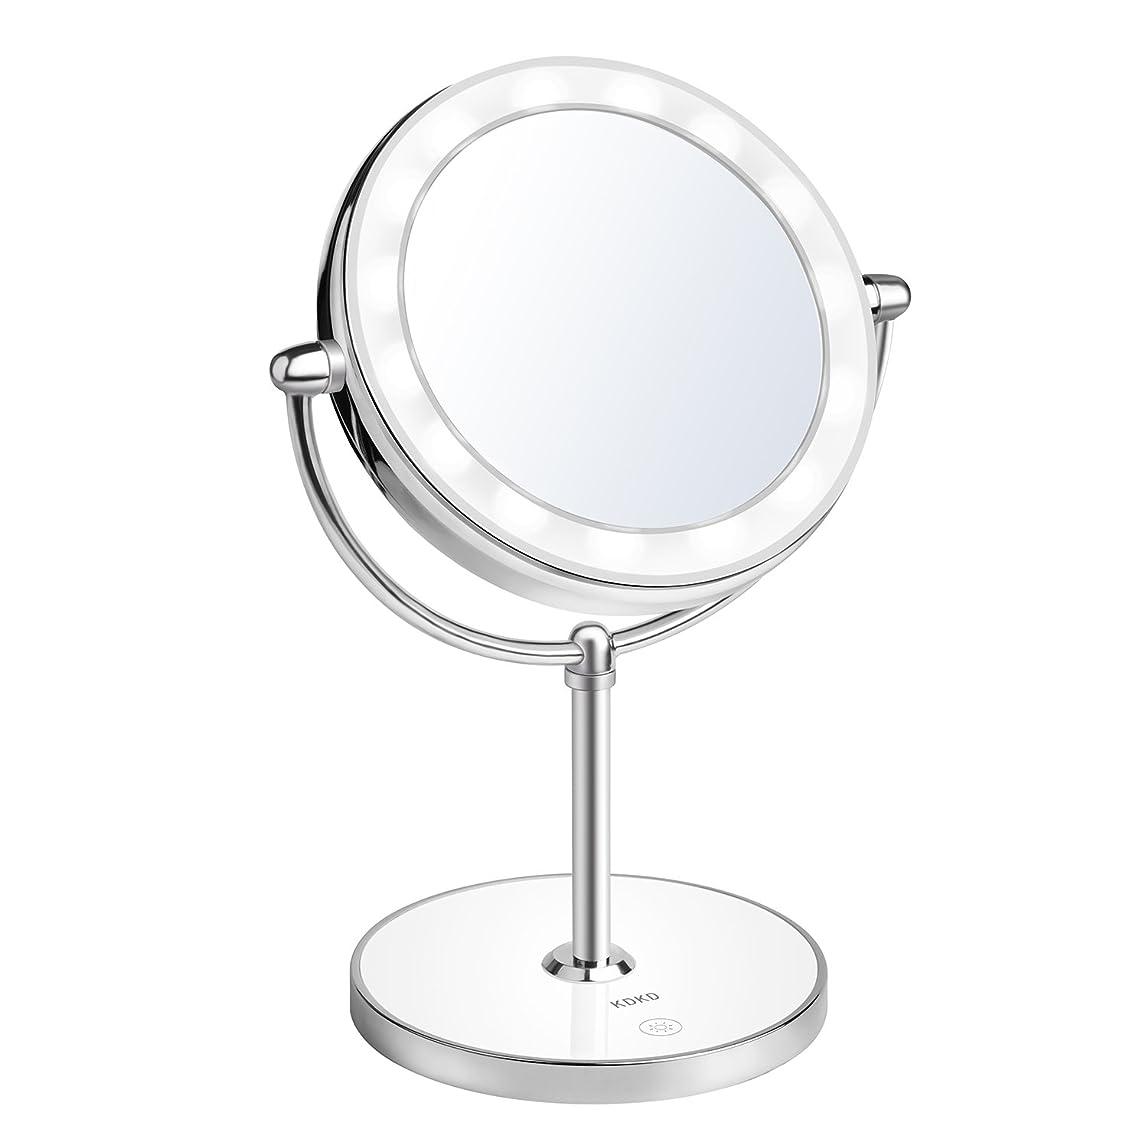 風重なる導入するKDKD LED光る ライト付き化粧鏡 回転式 1X 及び7倍率ミラー タッチ制御で調光可能 ライト付きメイクアップミラー コードレス 卓上鏡  スタンドミラー 充電式両面化粧鏡 銀色